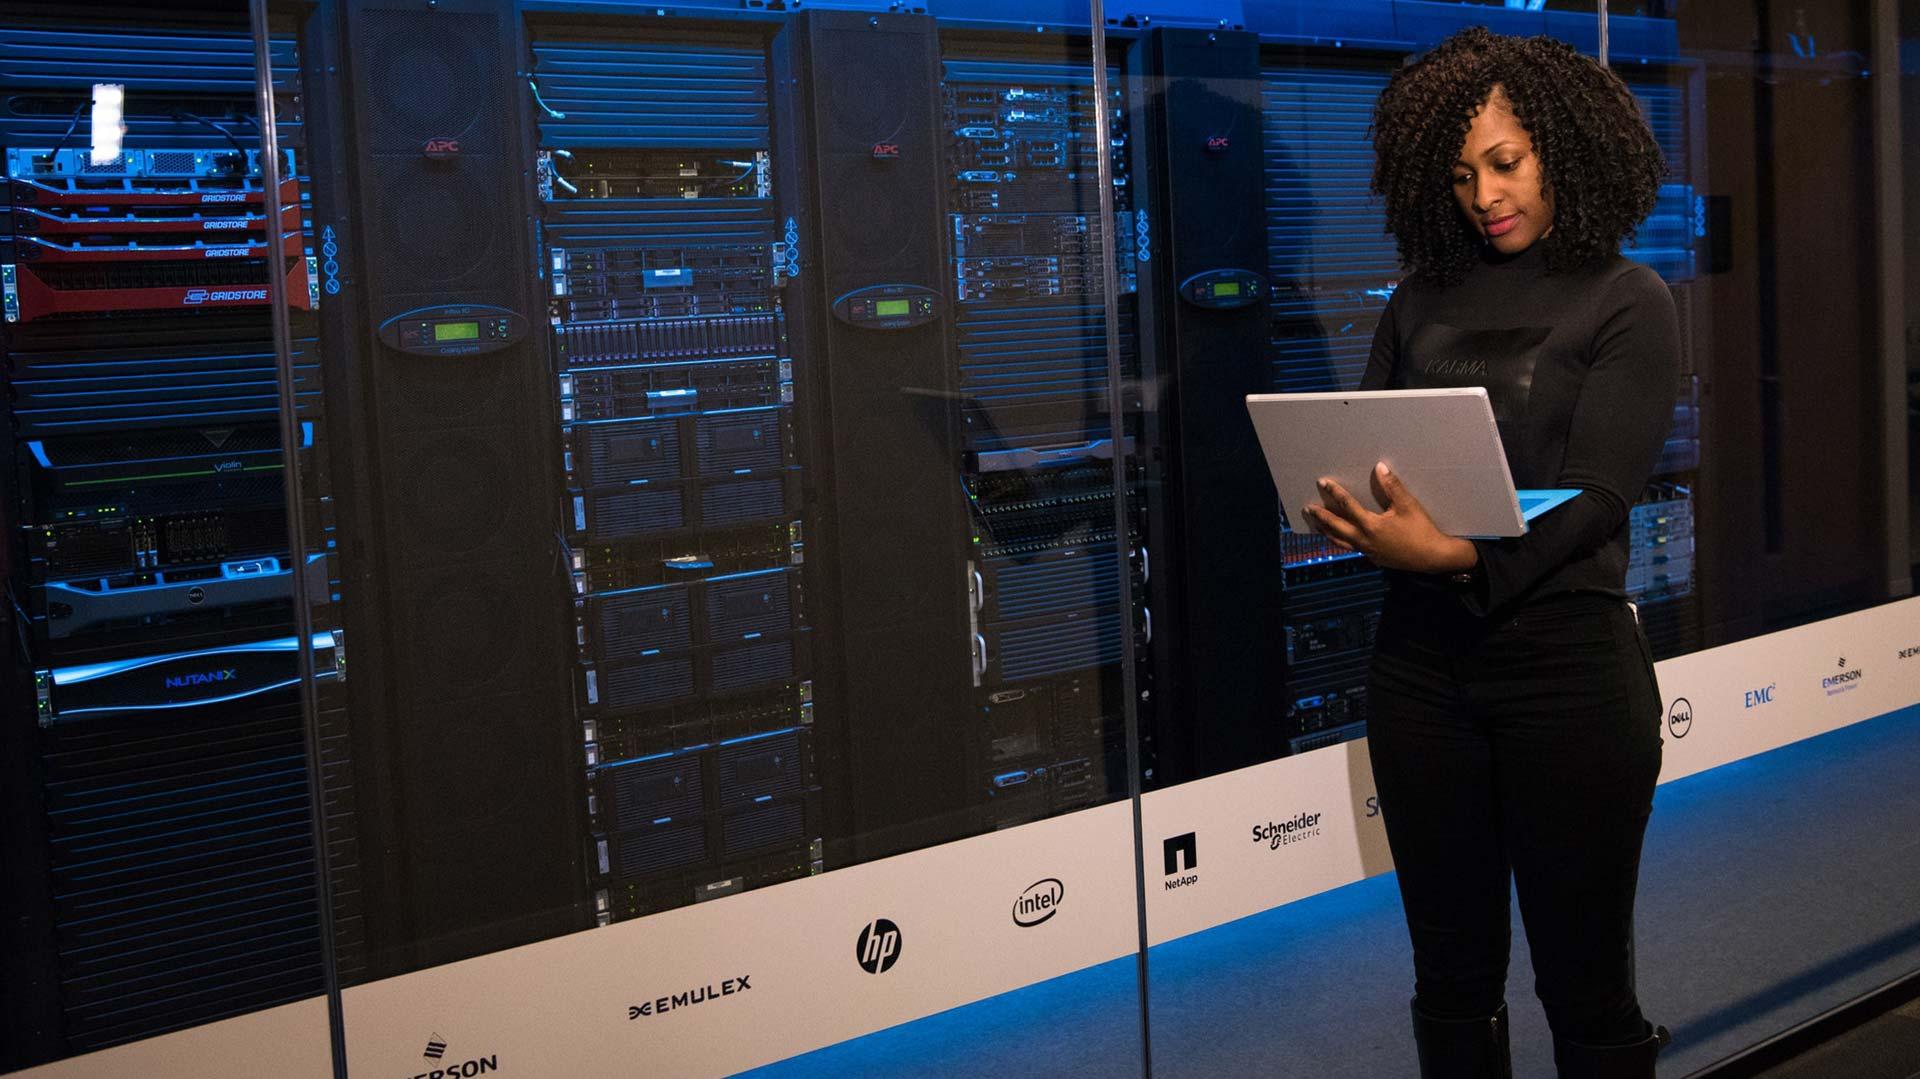 Come risolvere il problema dell'IT security grazie all'automazione